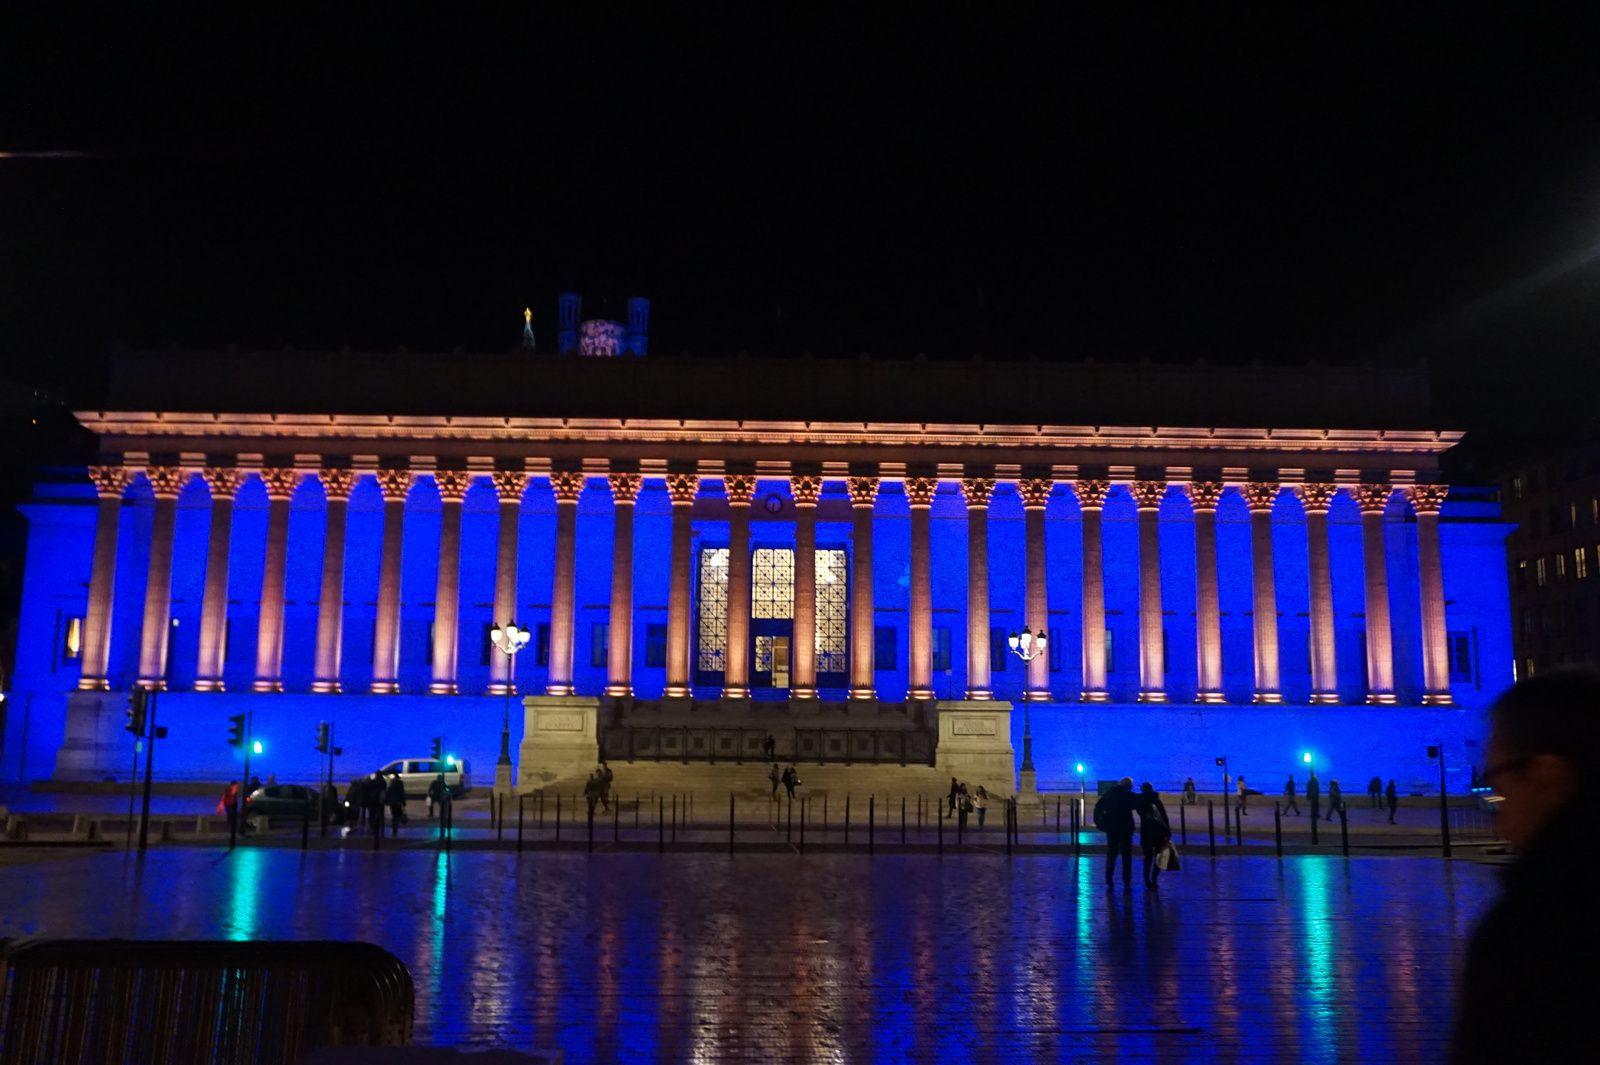 le palais de justice de lyon illumin 233 le de jean fran 231 ois duch